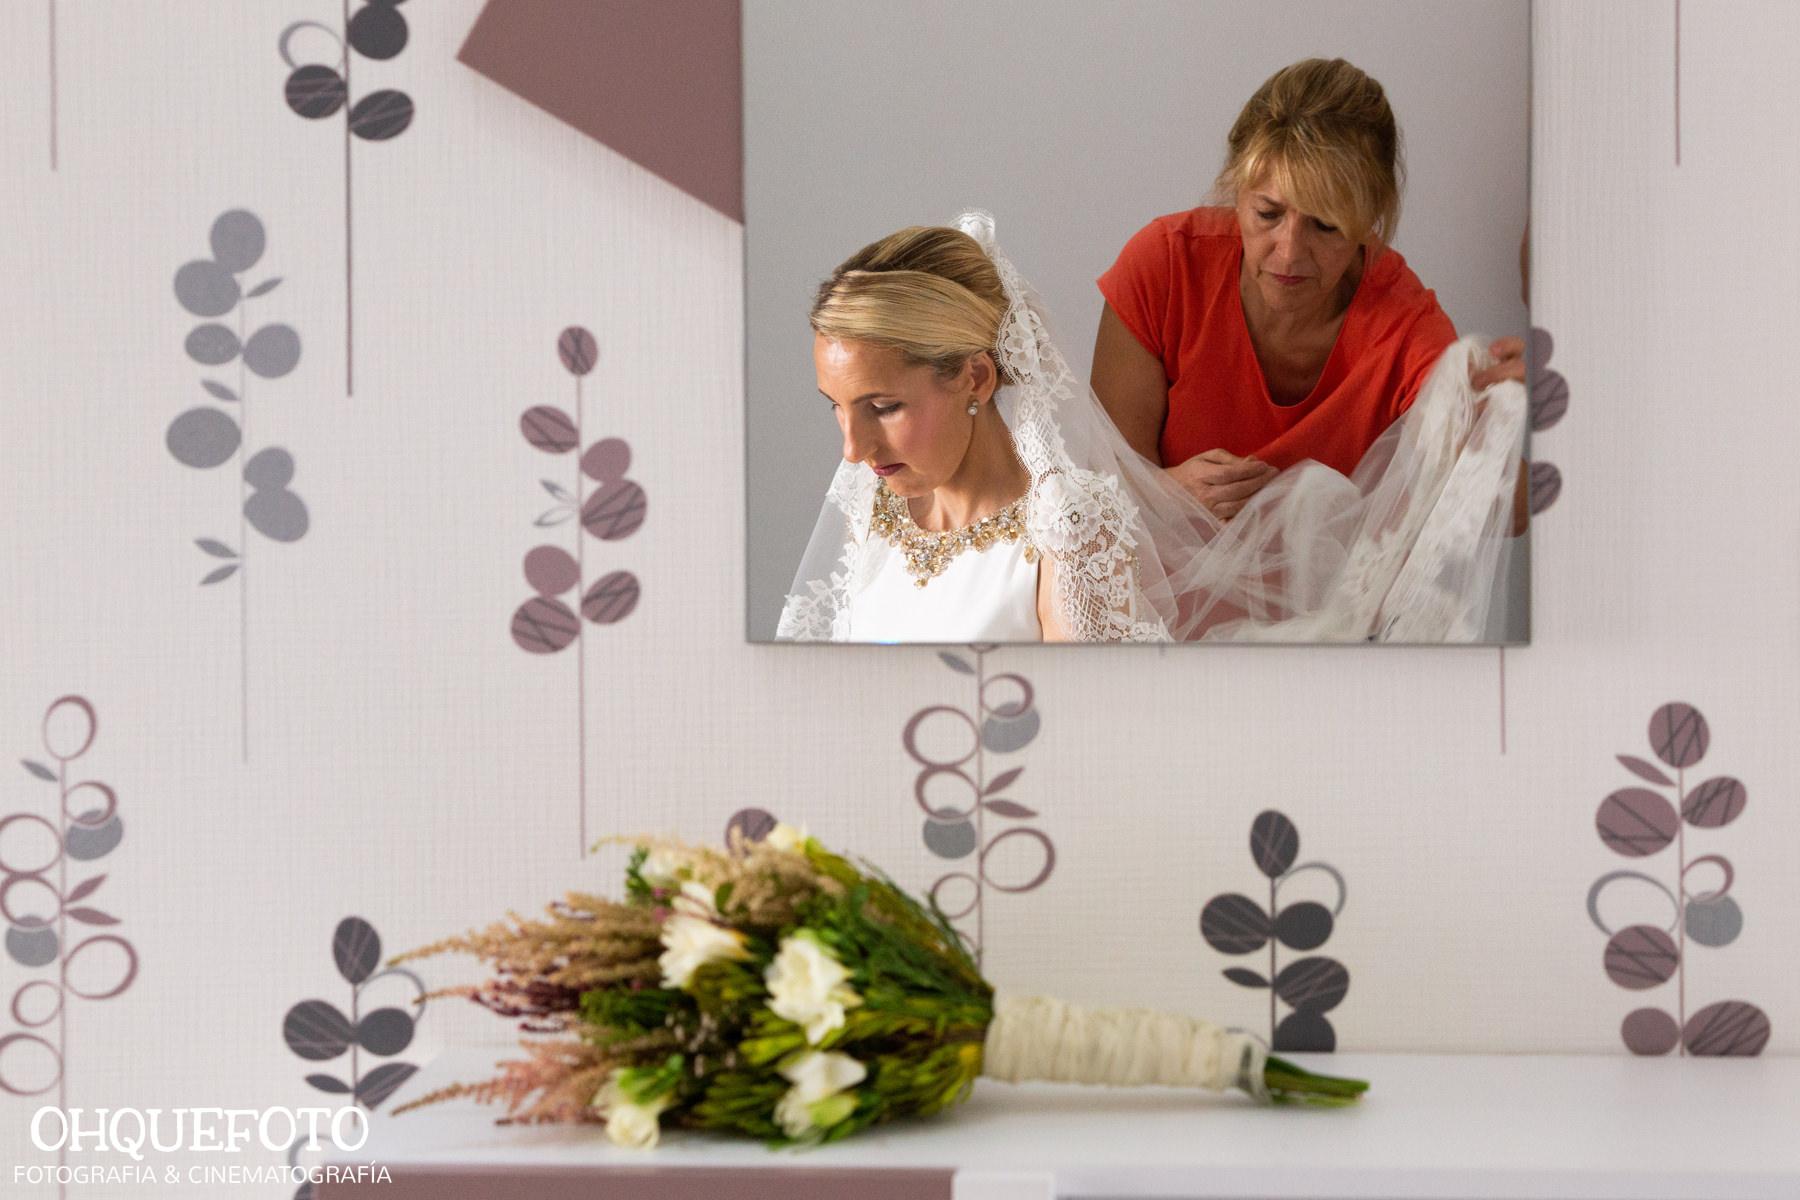 boda en la peraleda boda en cabeza del buey boda en capilla reportaje de bodas en almaden video de bodas en cordoba437 - Jose y Gema - Boda en Zarza Capilla y la Finca La Peraleda (Chillón)